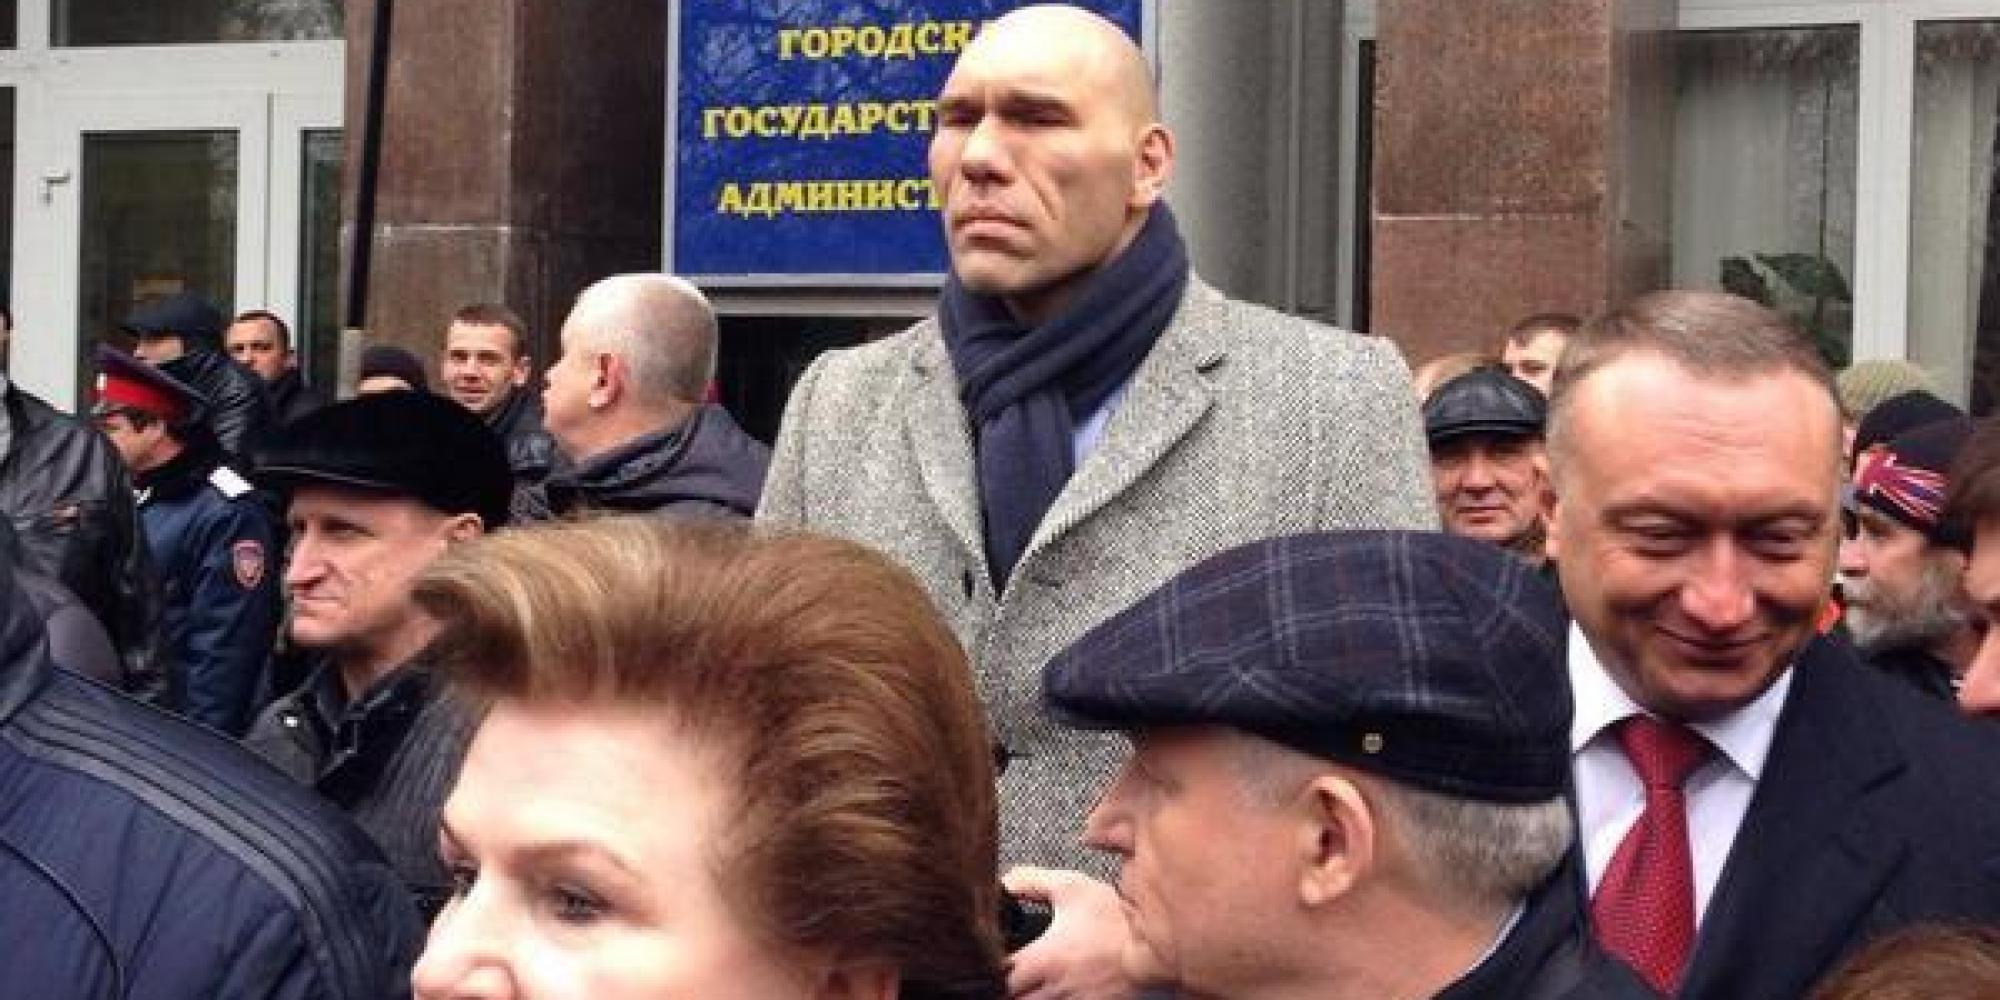 Фото сергея воронкова крымский авторитет 4